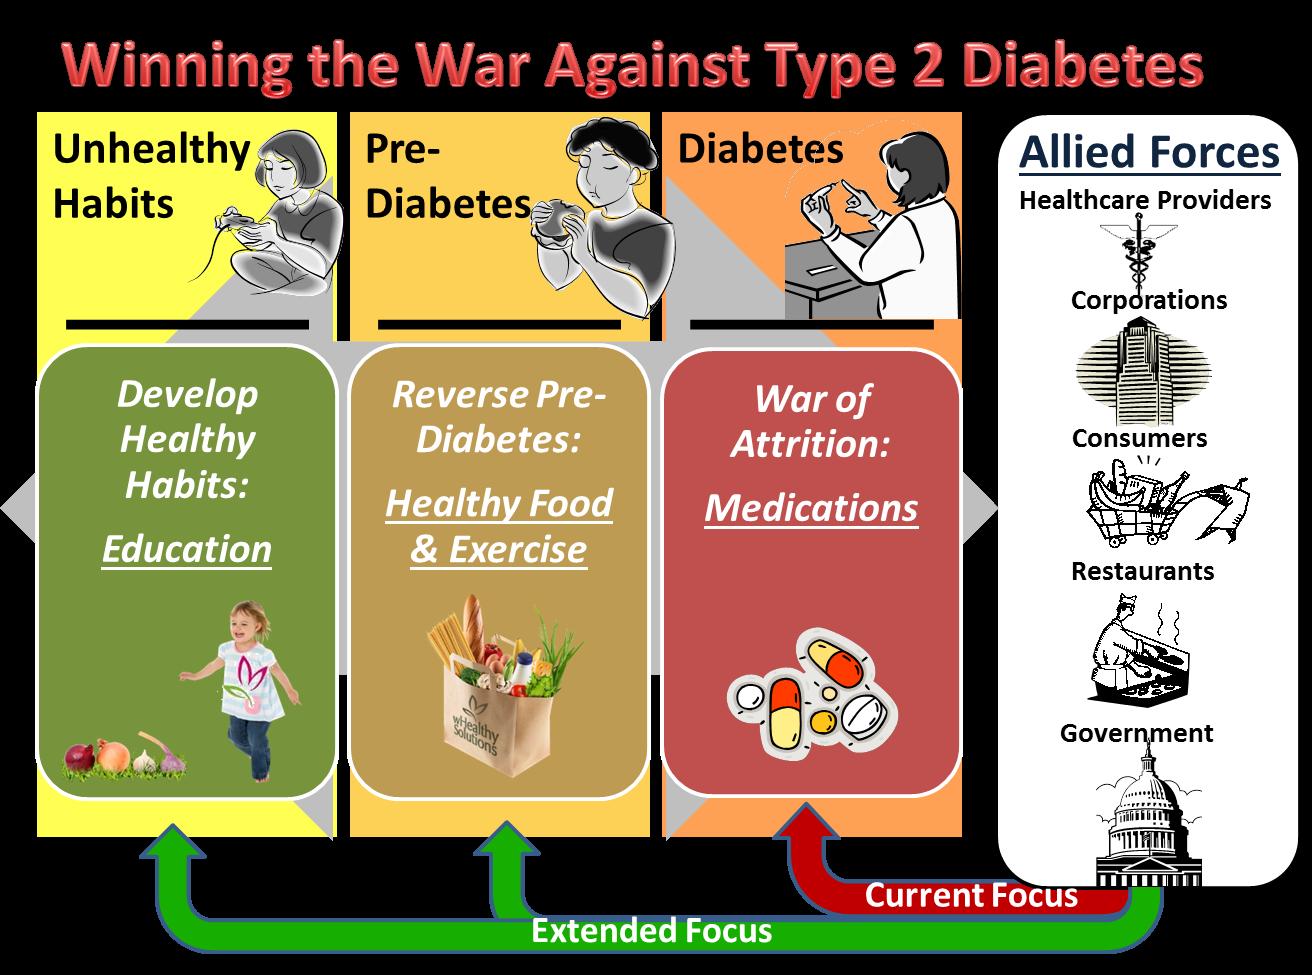 Diabetes Typ 2 mit richtiger Ernährung heilen   diabetes.moglebaum.com - Ratgeber - Gesundheit